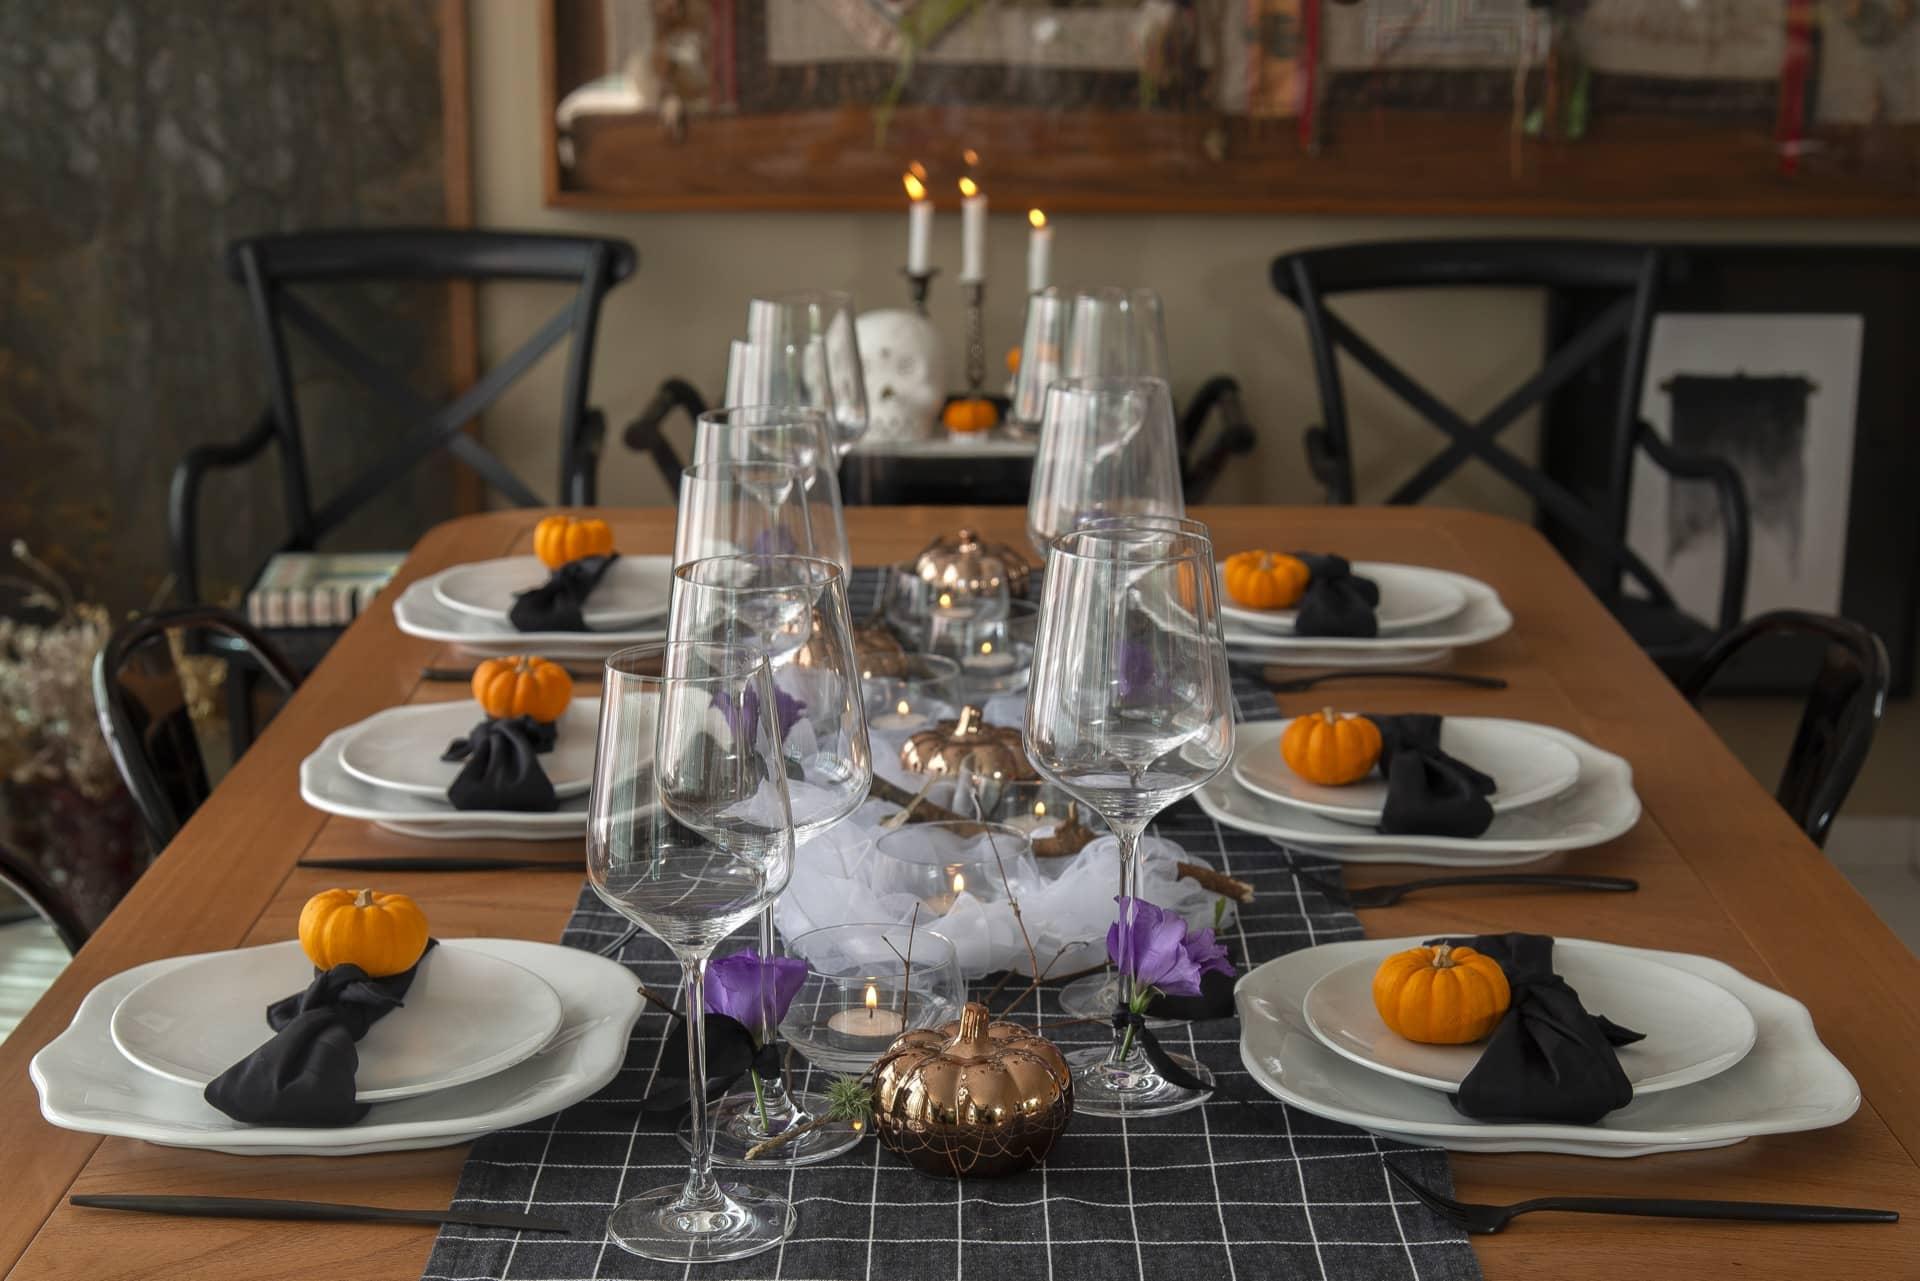 Imagem da mesa posta para celebração de Halloween